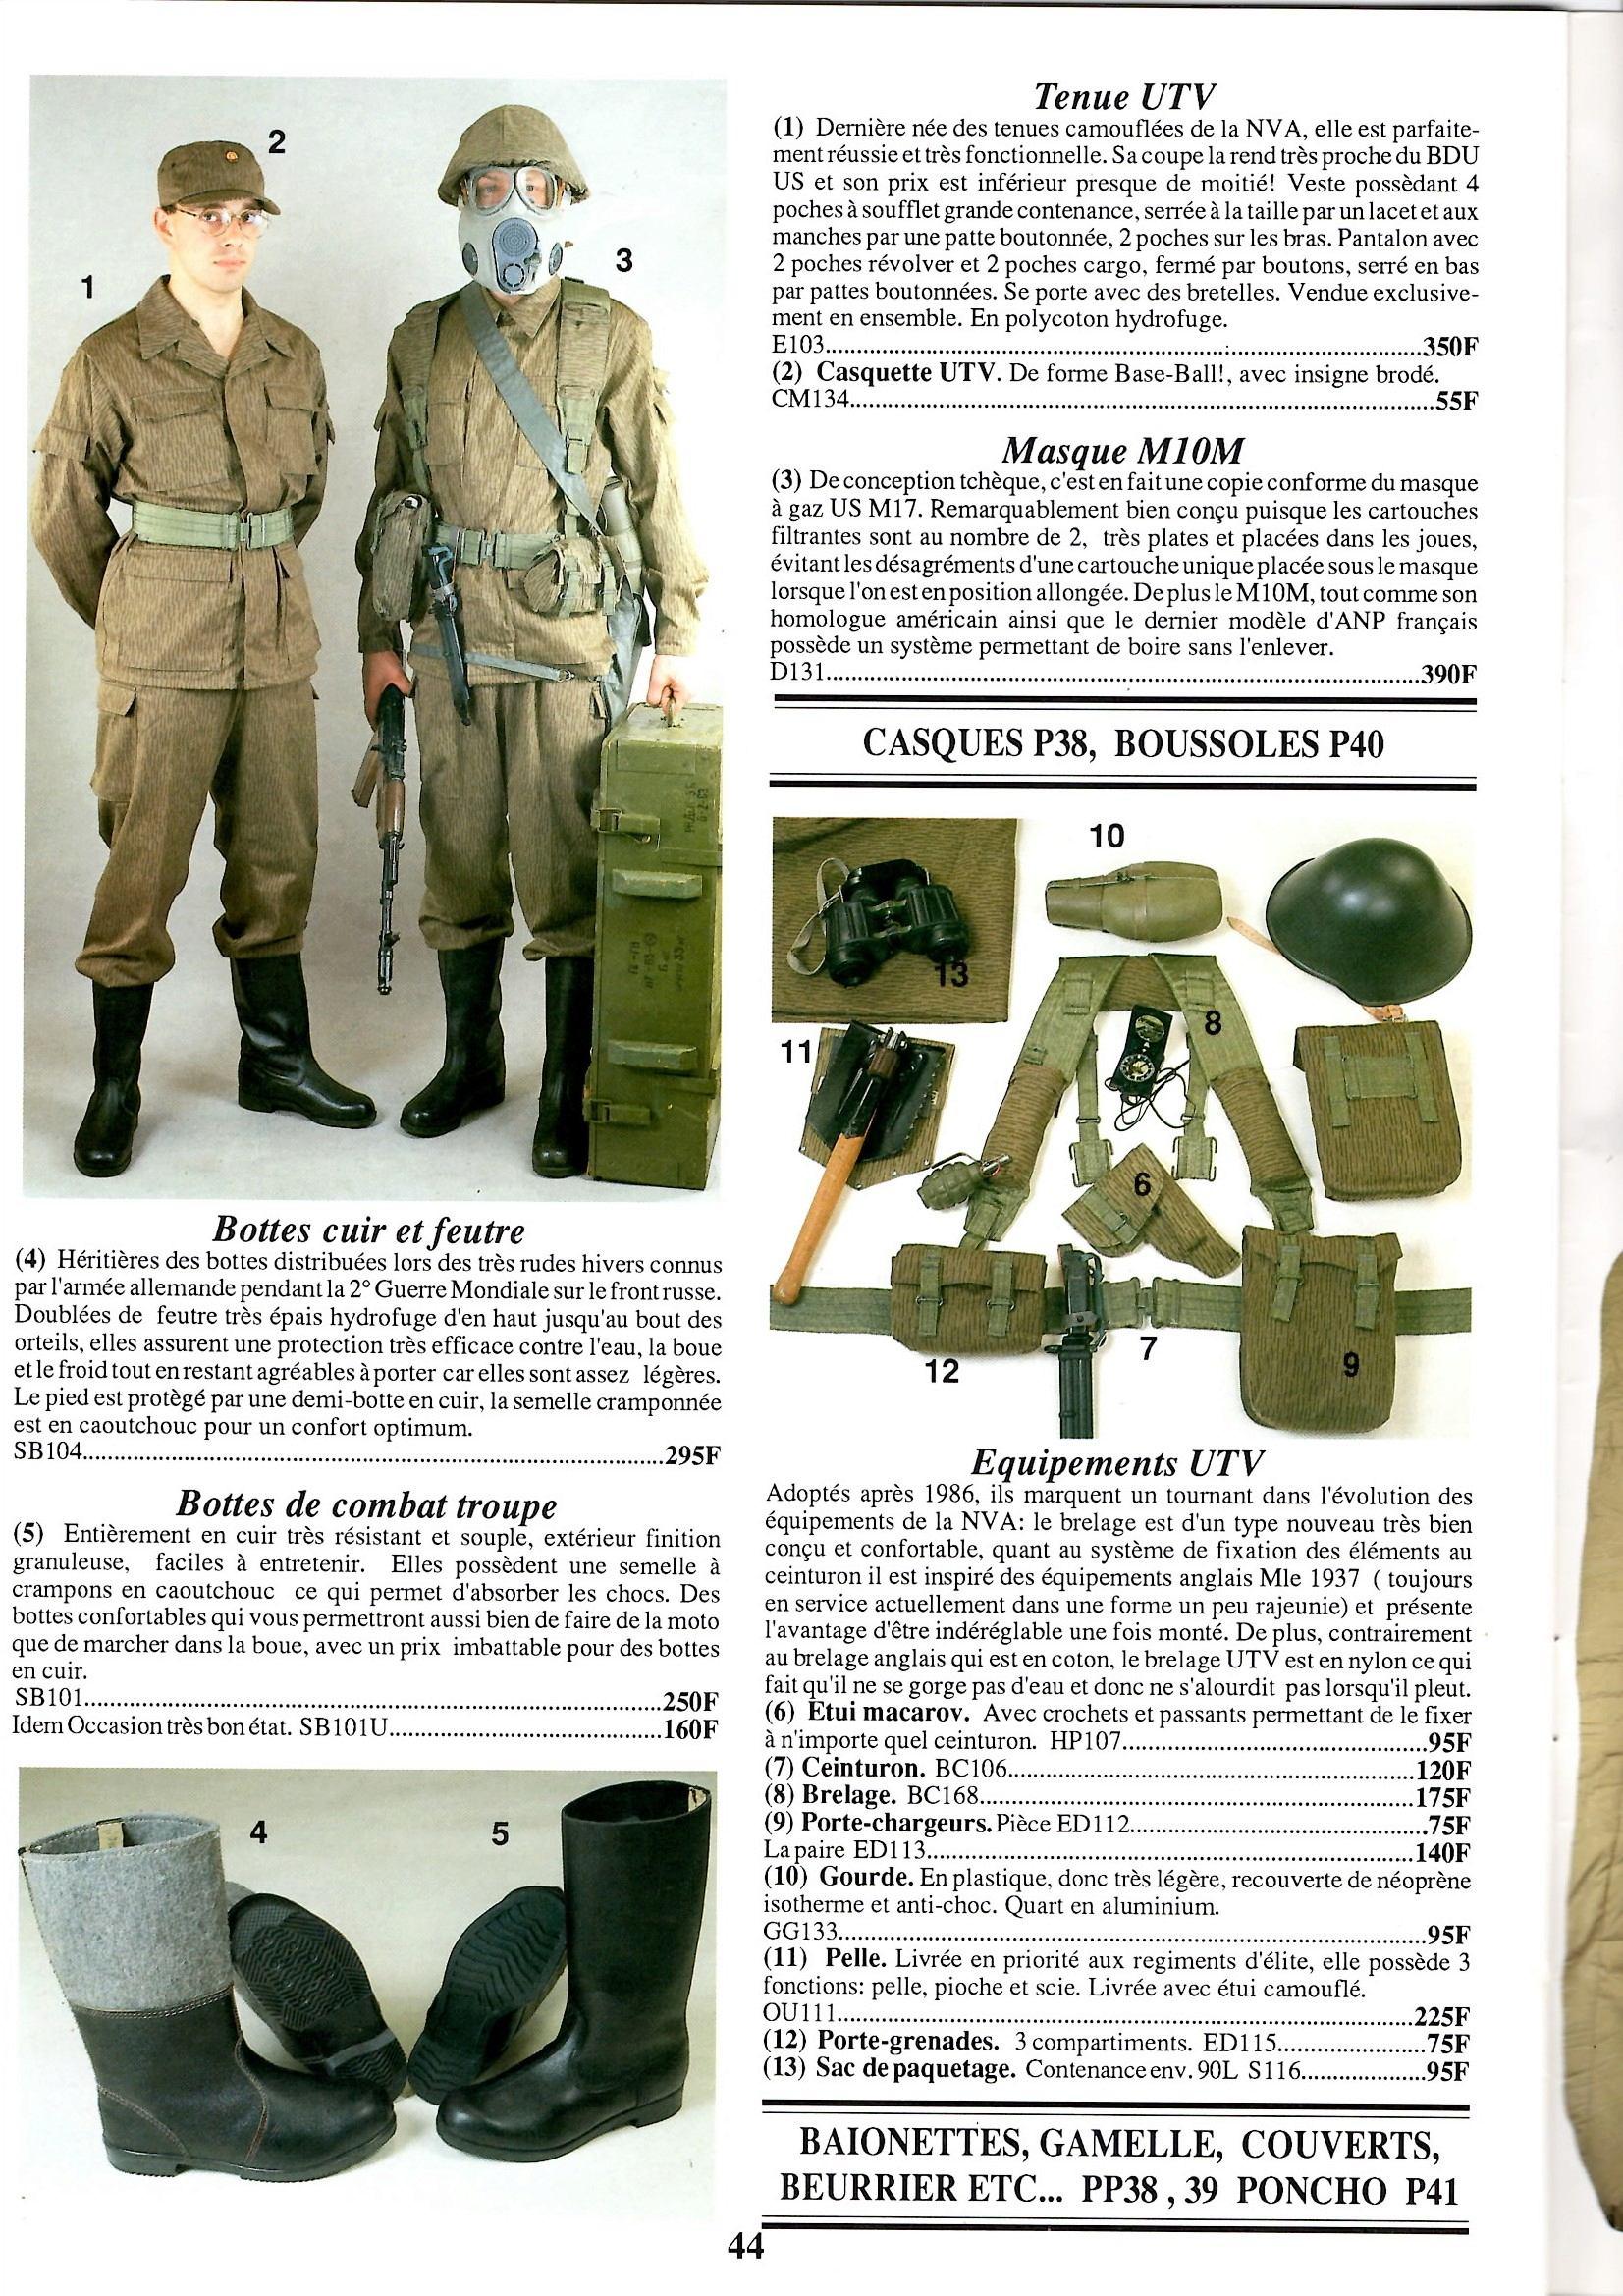 Le catalogue USMC des années 90: tout le matériel de la RDA! Epson017